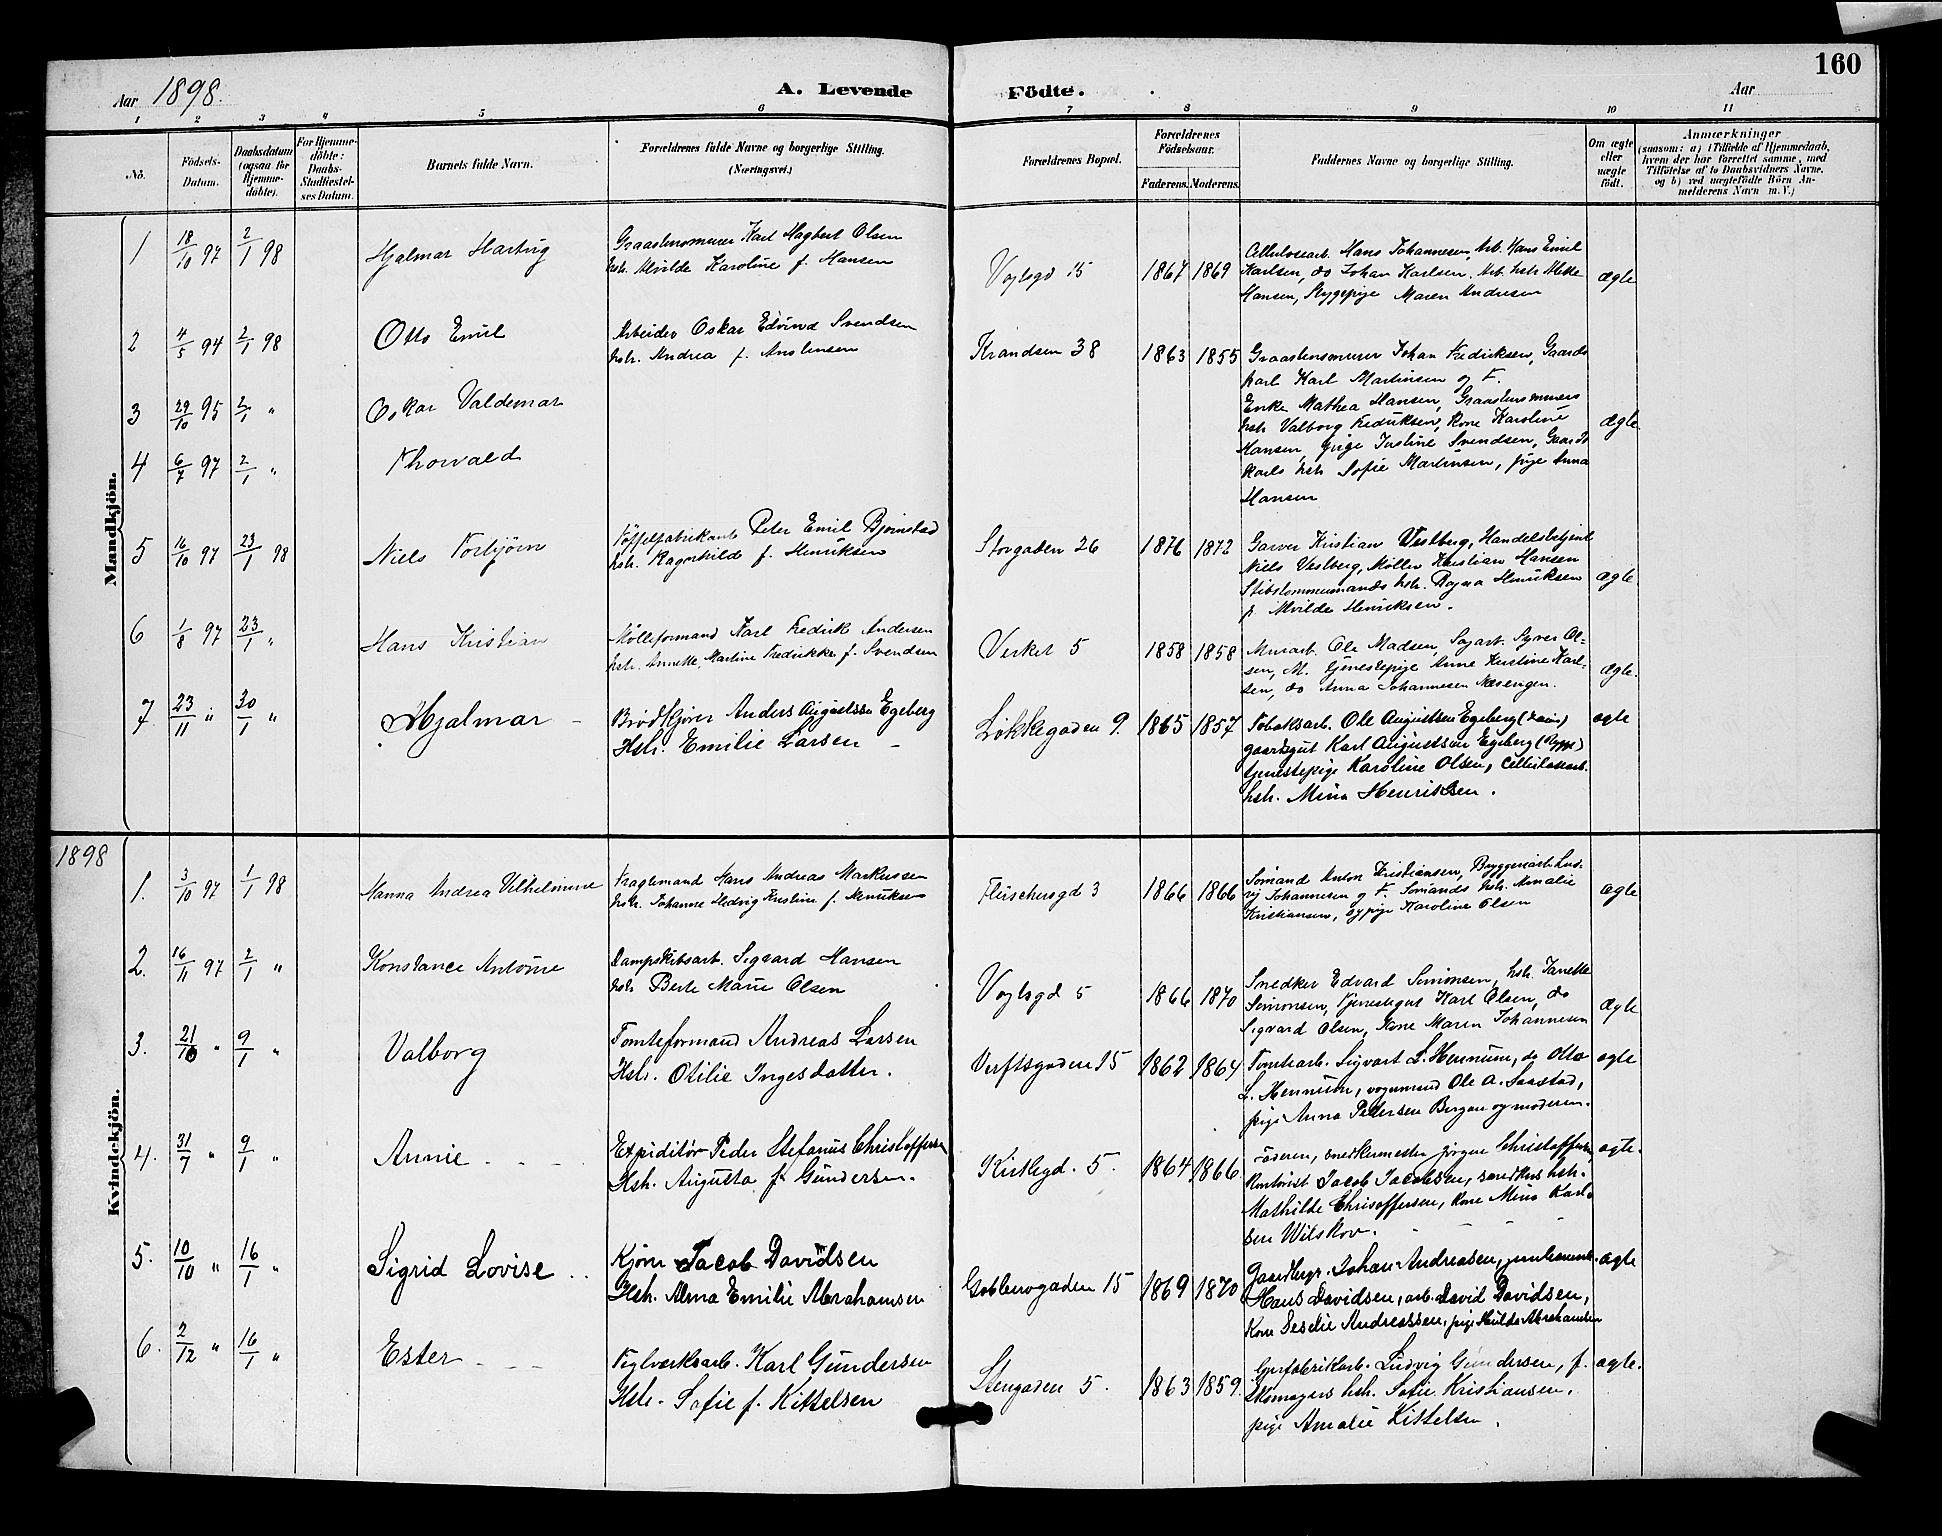 SAO, Moss prestekontor Kirkebøker, G/Ga/L0006: Klokkerbok nr. I 6, 1889-1900, s. 160